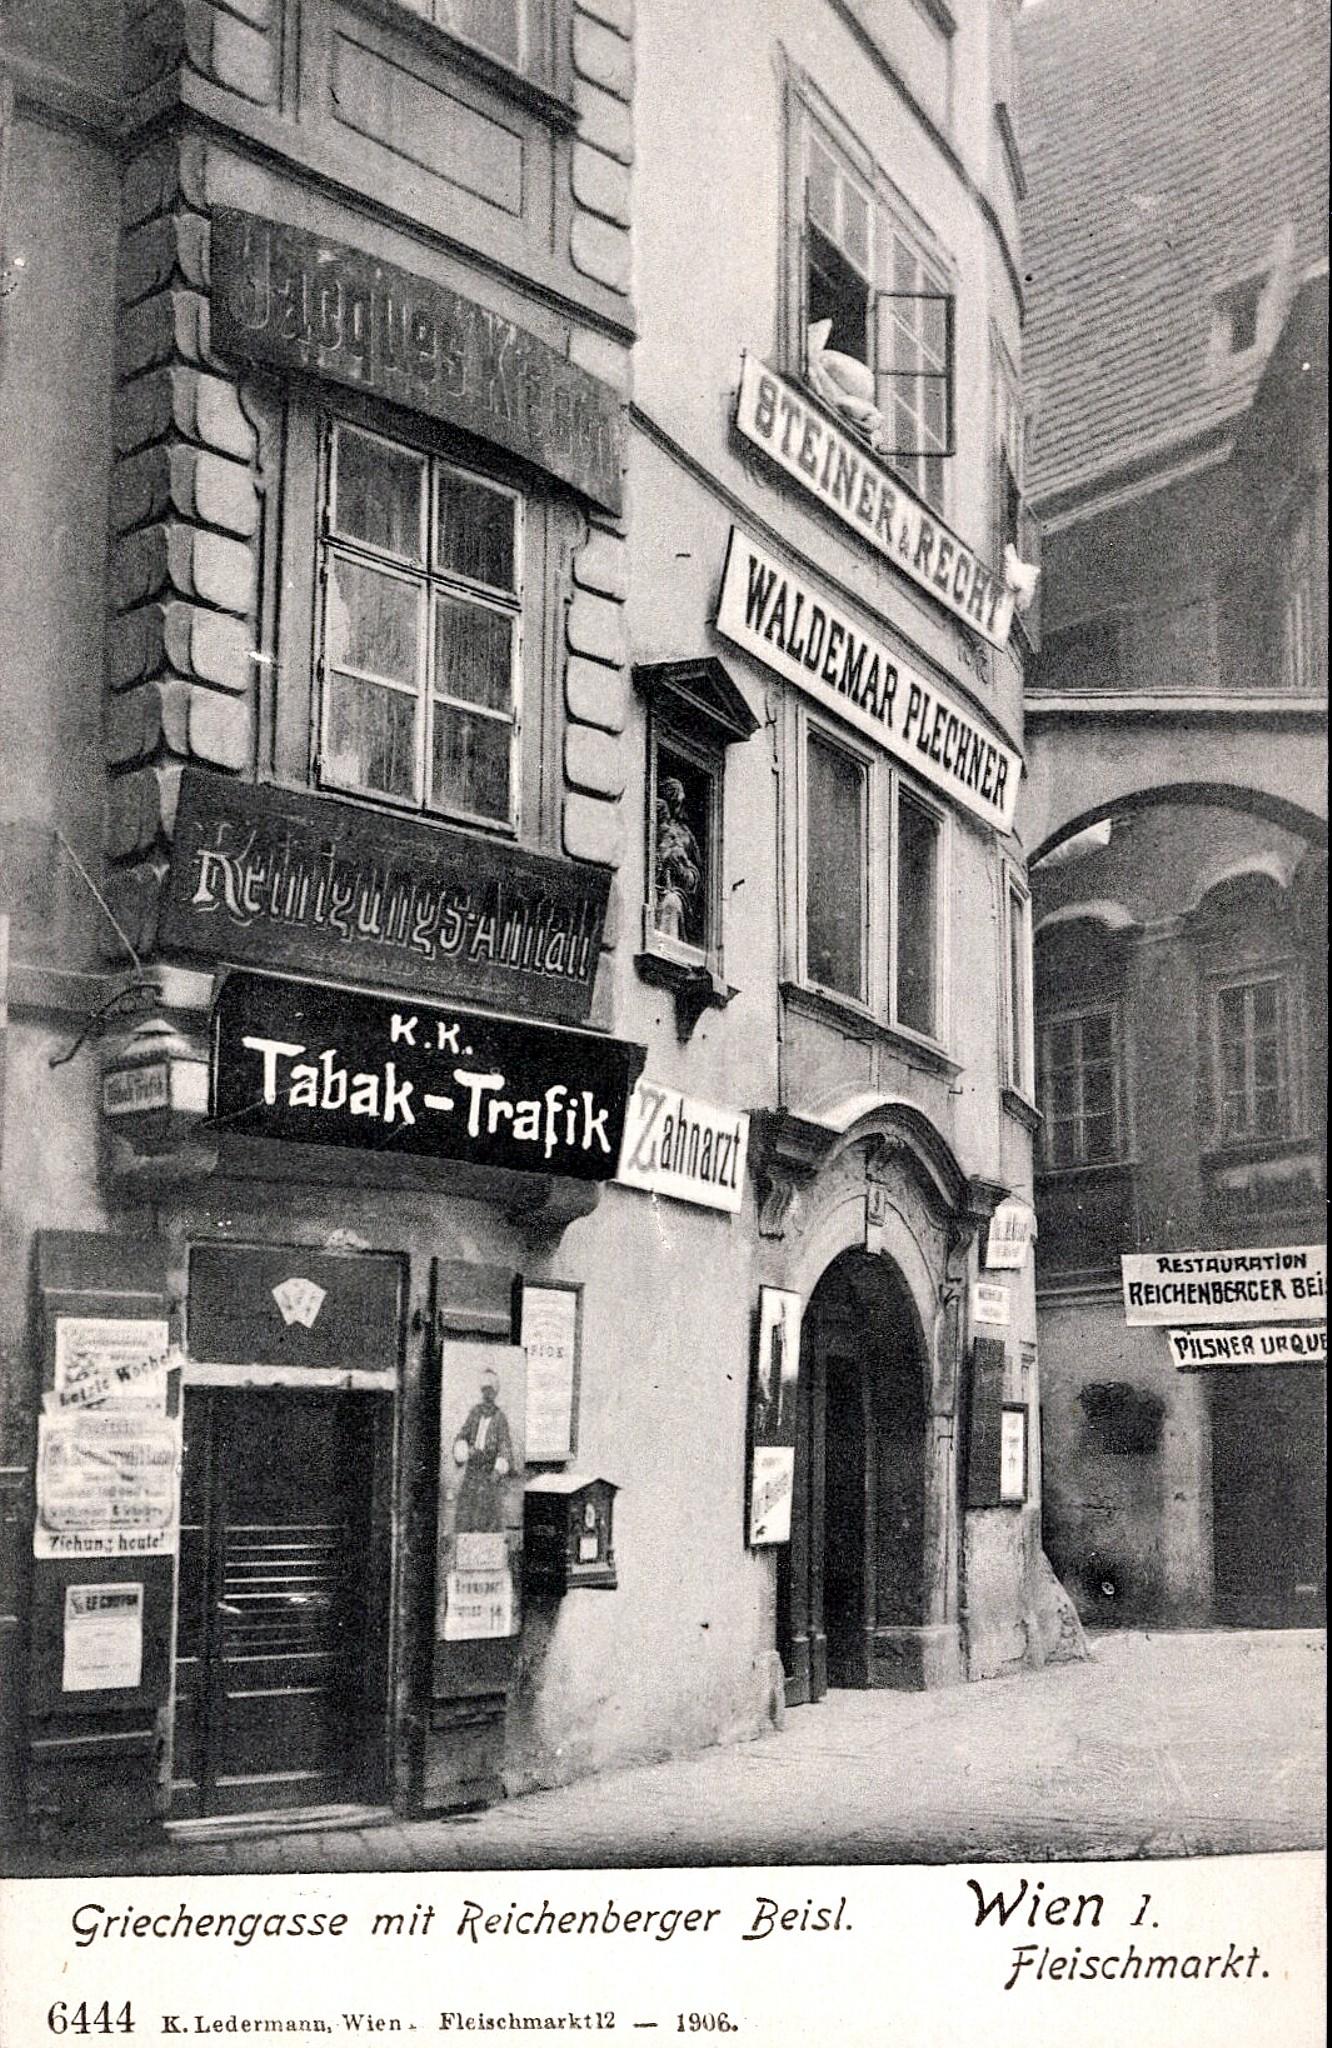 Wien 1905, Griechengasse